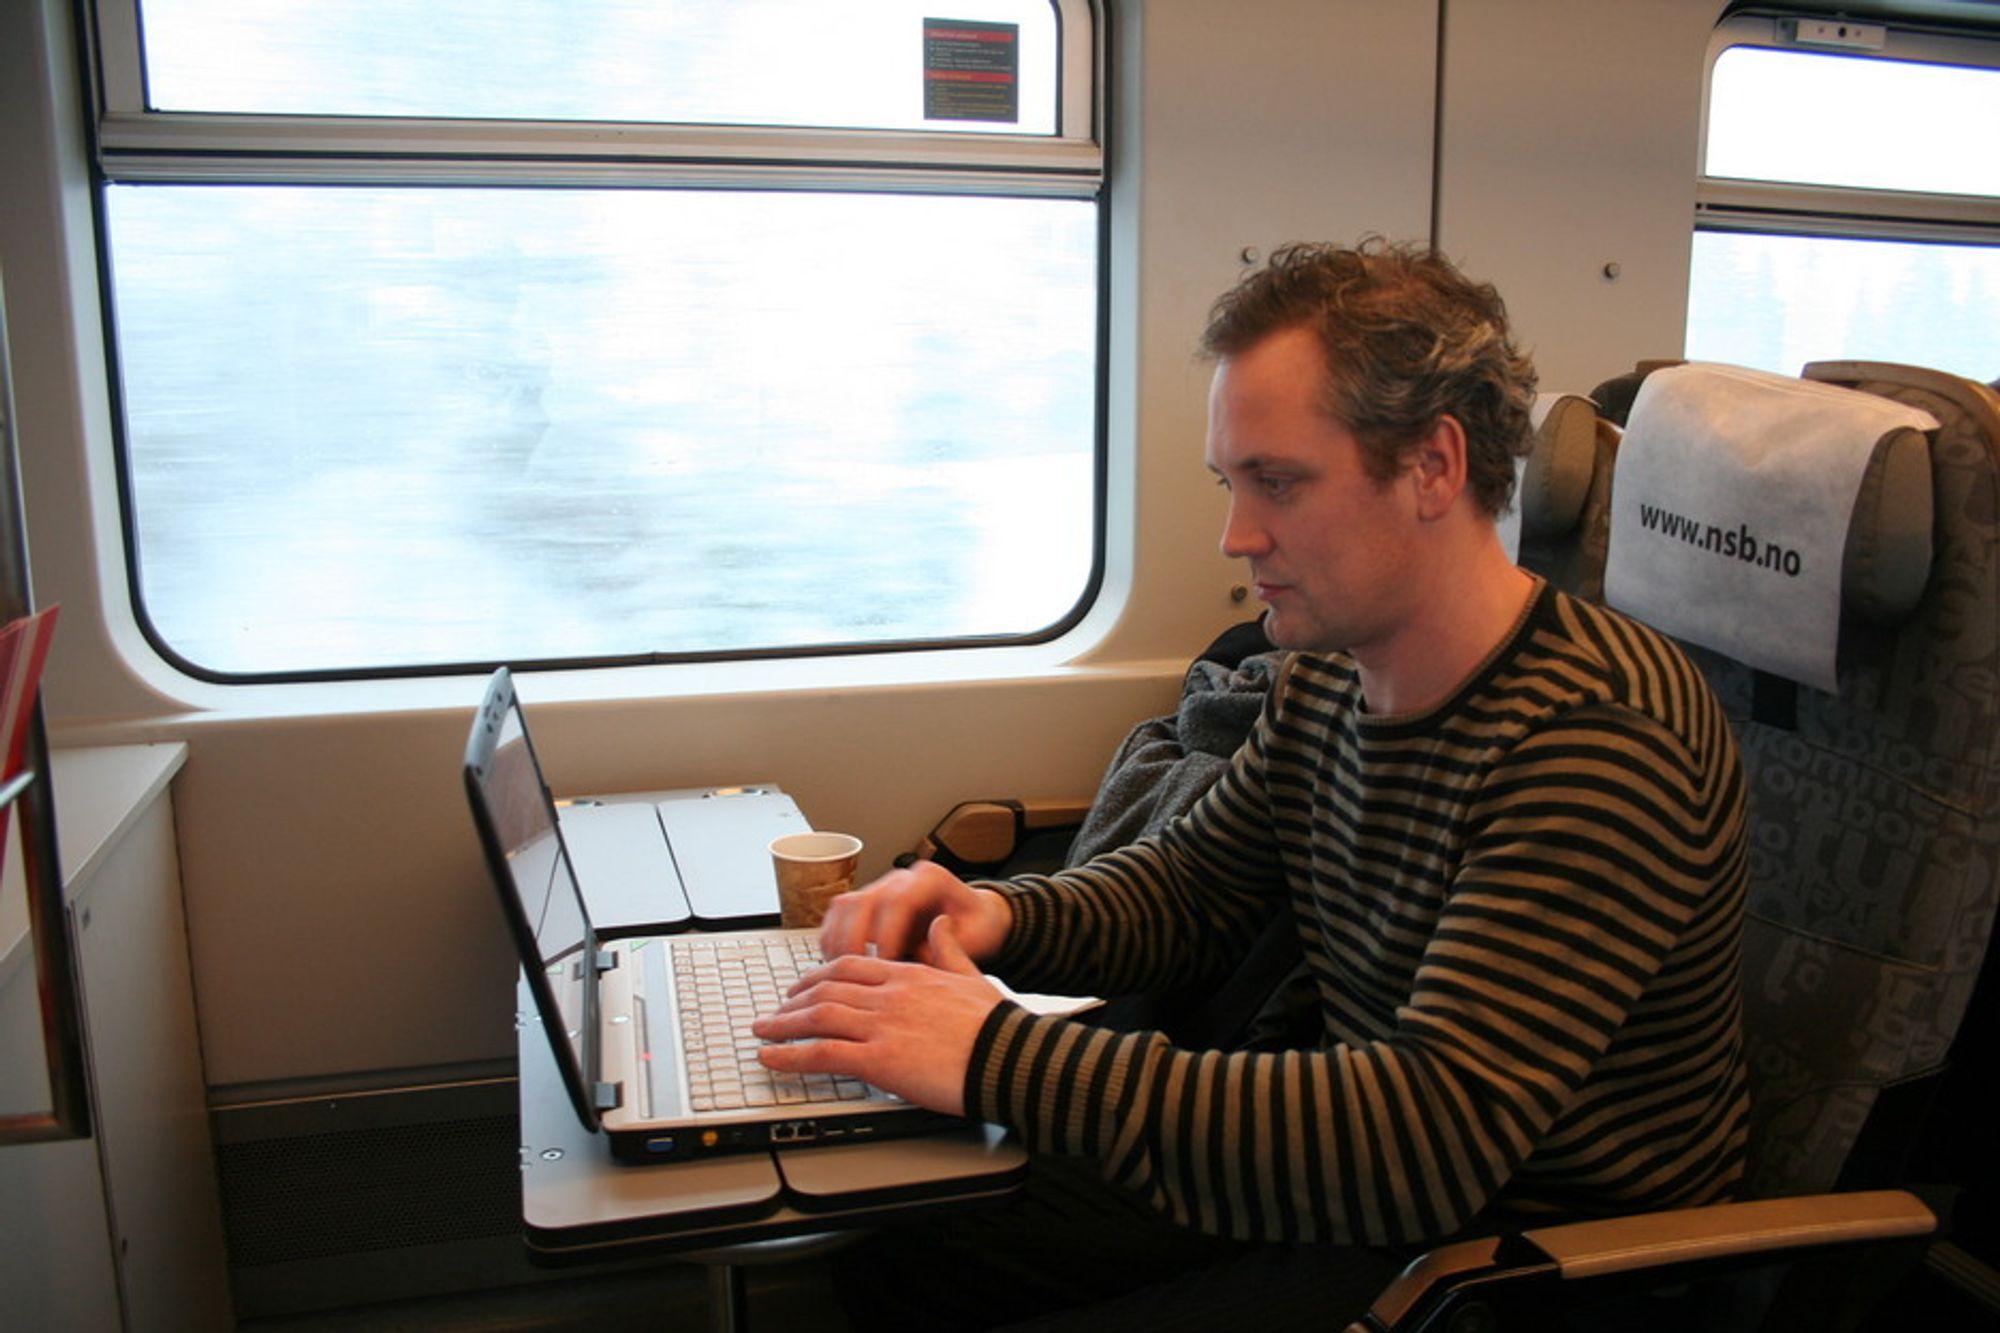 Øker. En kvart milliard EU-innbyggere bruker internett reglmessig. Til og med på toget i Norge kan du få nettilgang på enkelte strekninger.